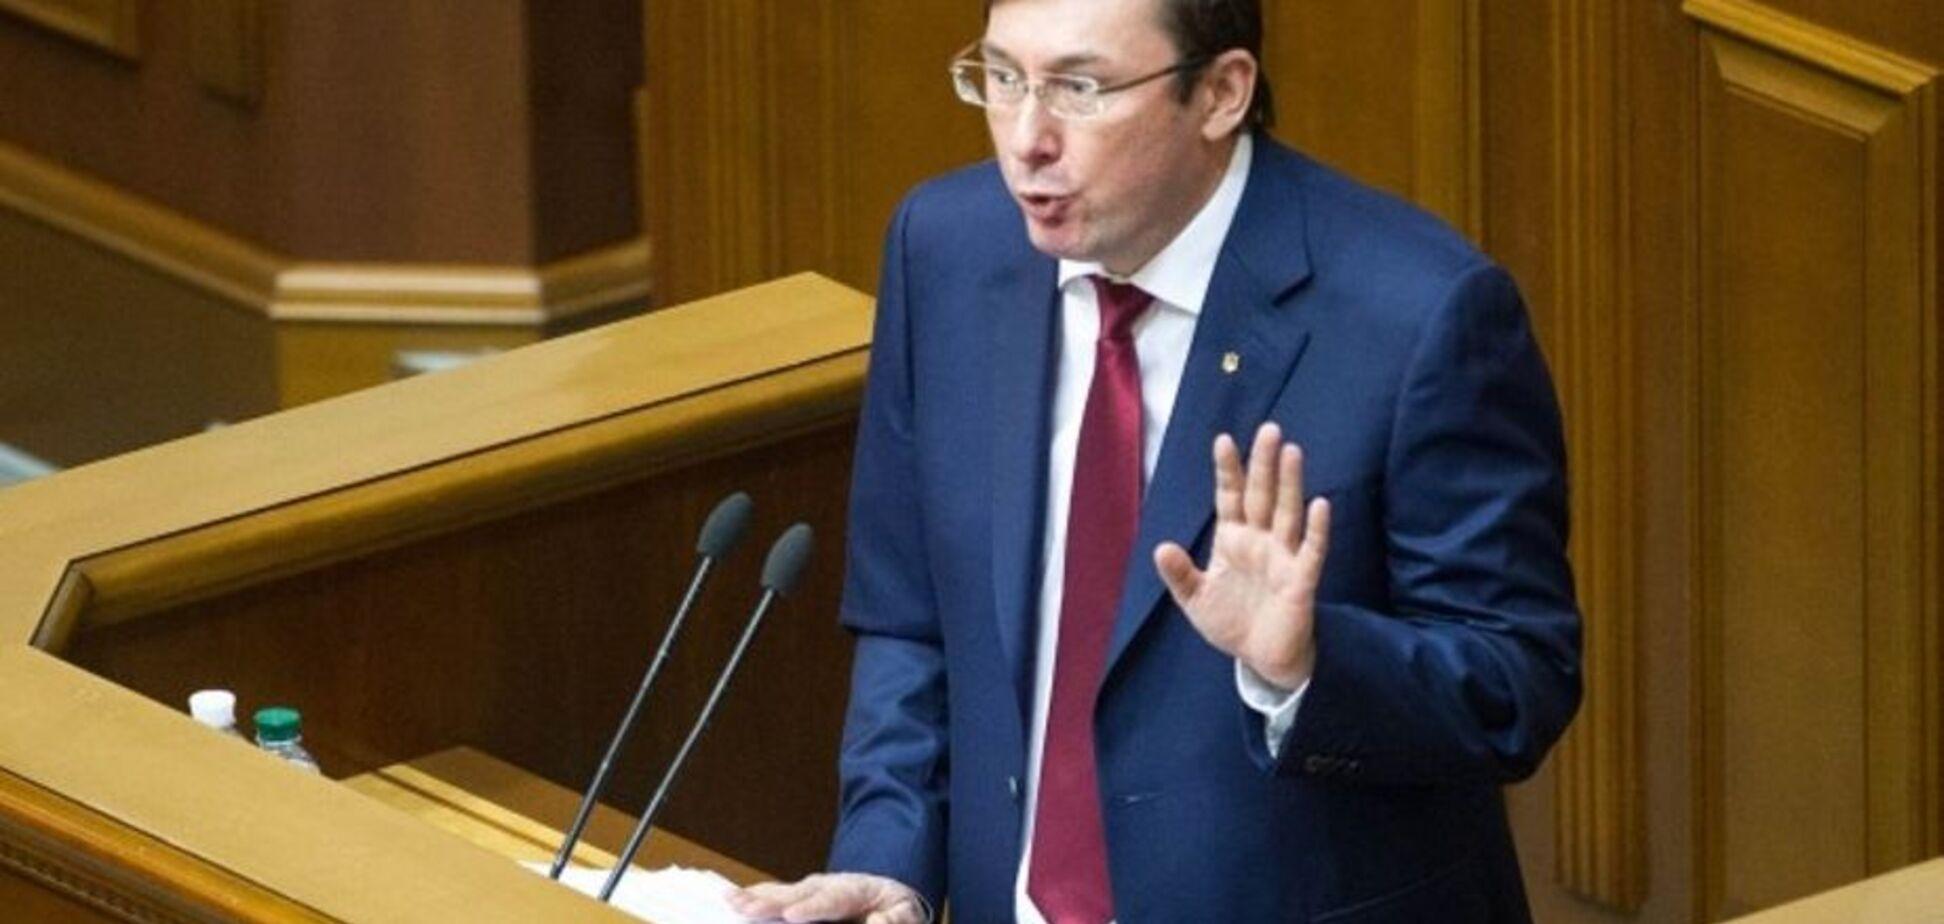 Расследование на 180 млрд: Луценко объяснил, когда в деле ПриватБанка появятся подозреваемые